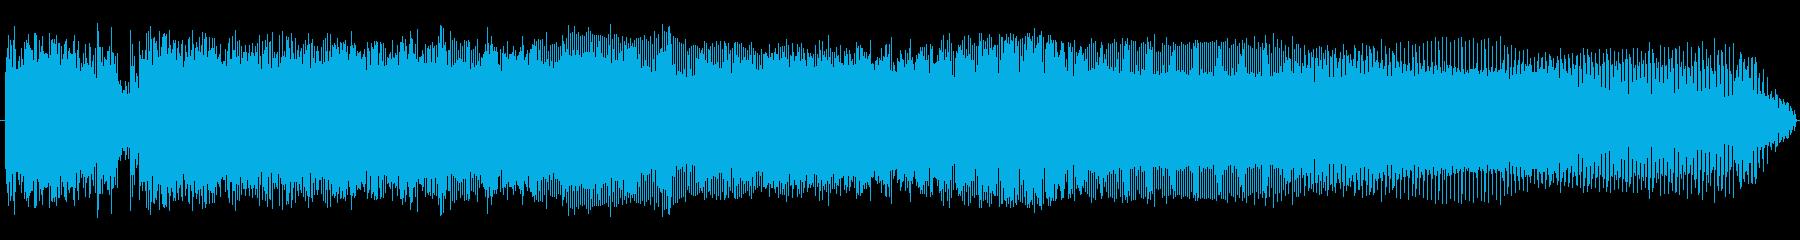 コックロックの再生済みの波形